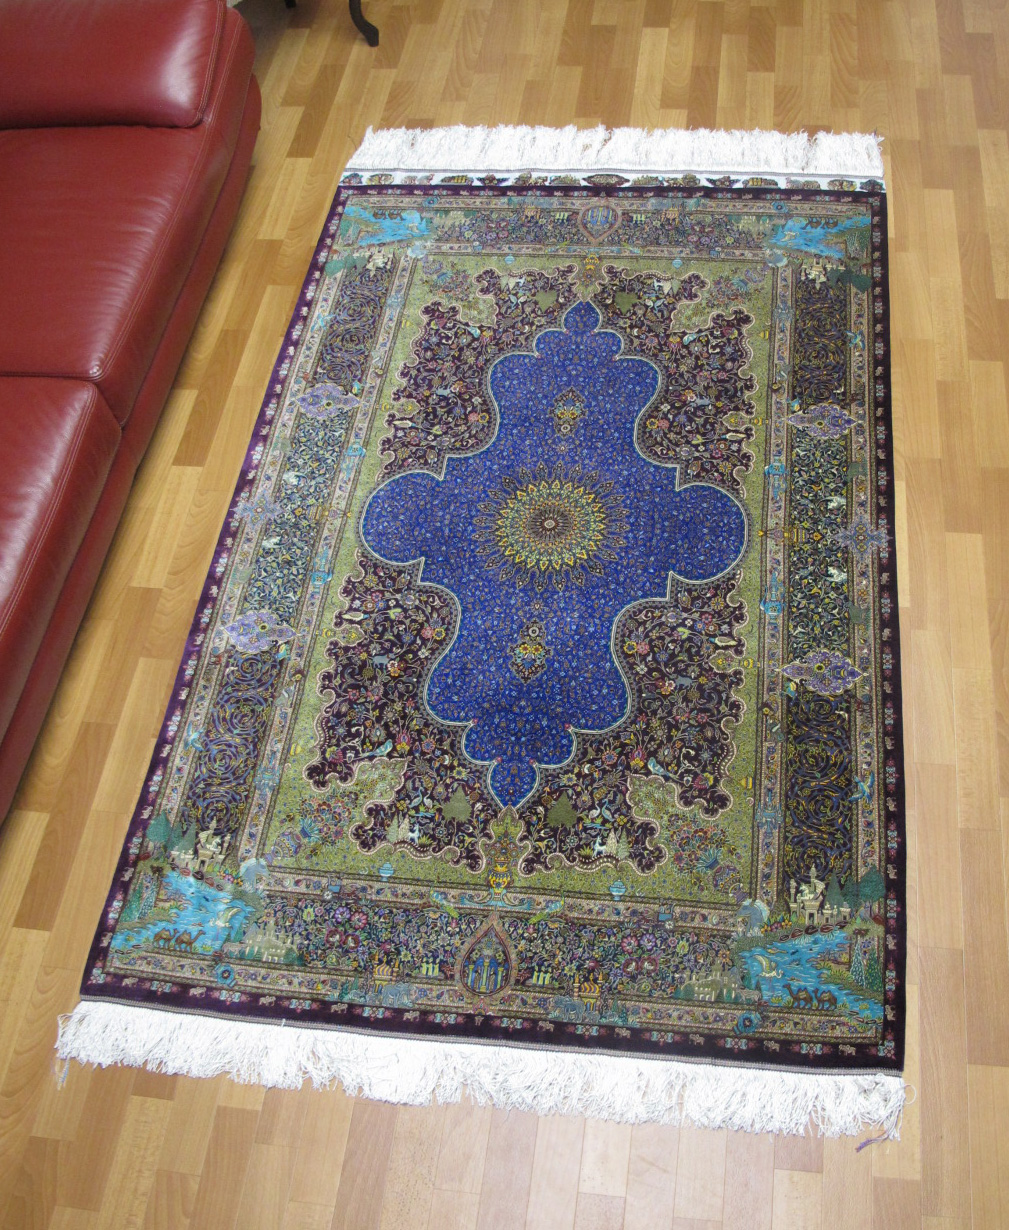 ペルシャ絨毯クムシルク、ジャムシーディ工房